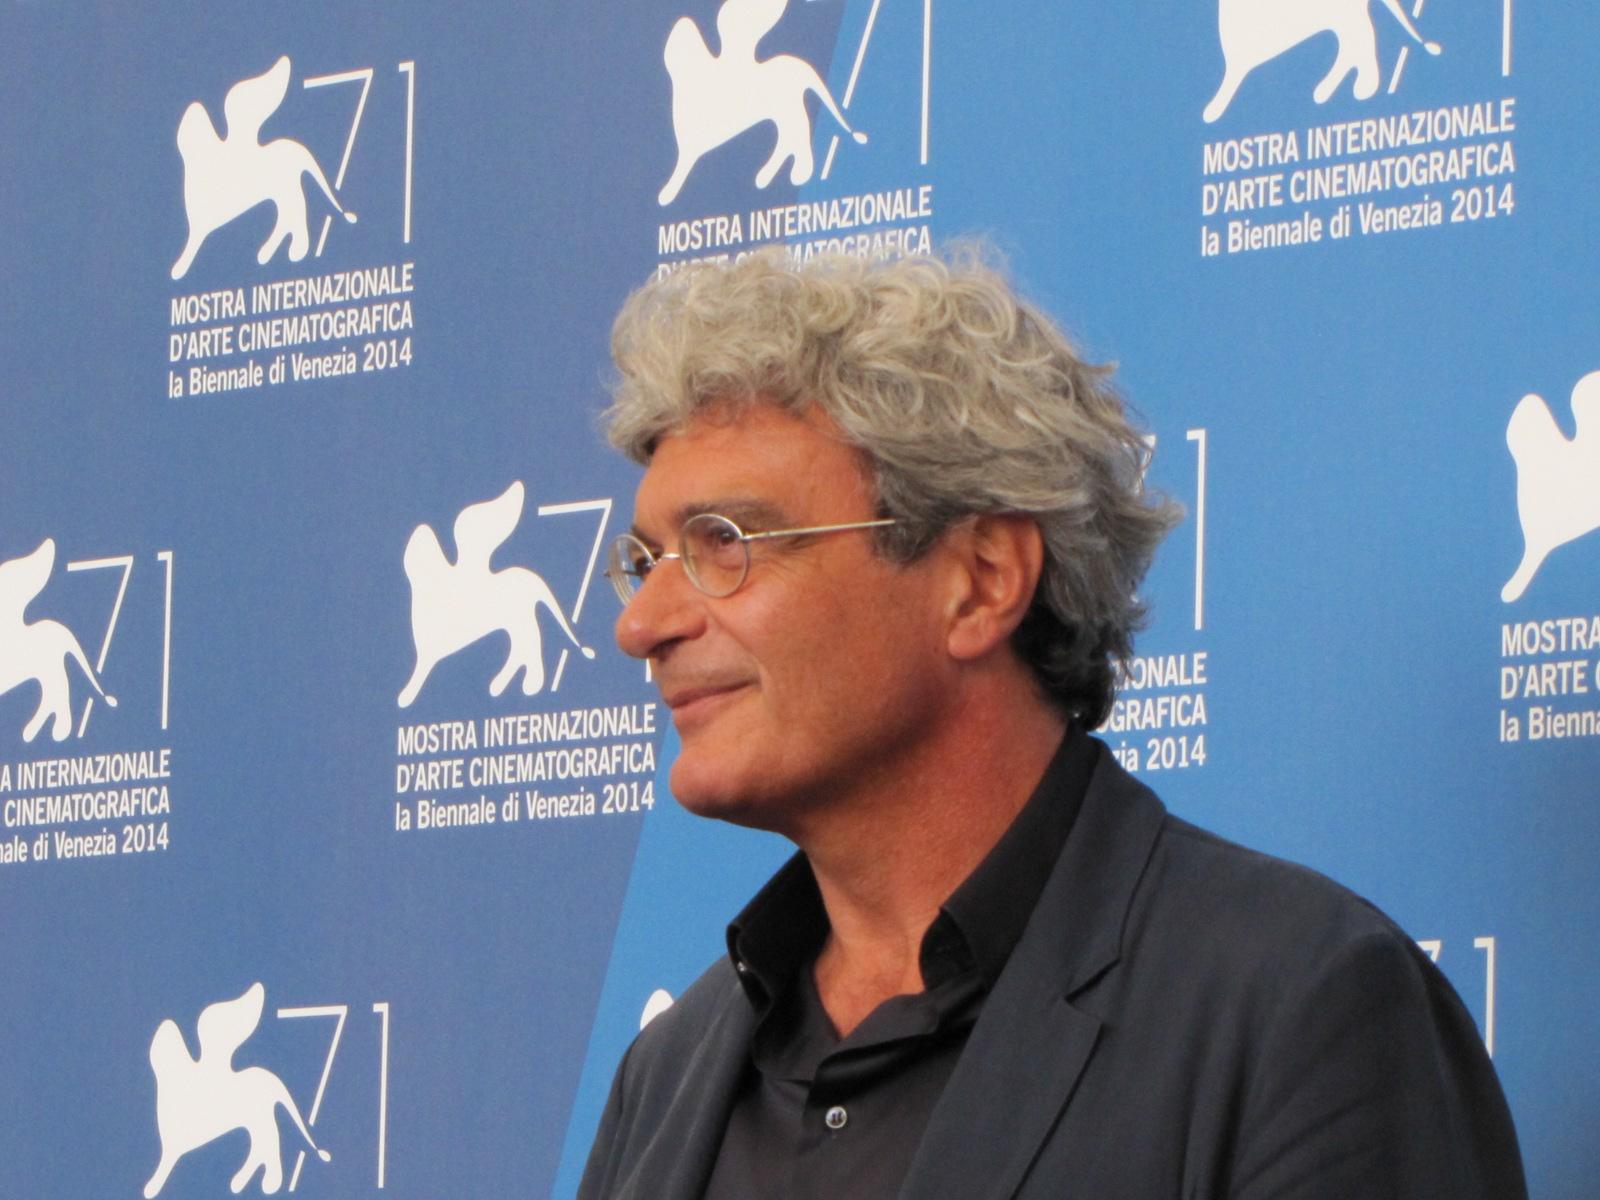 Martone presenta Il giovane favoloso a Venezia 2014